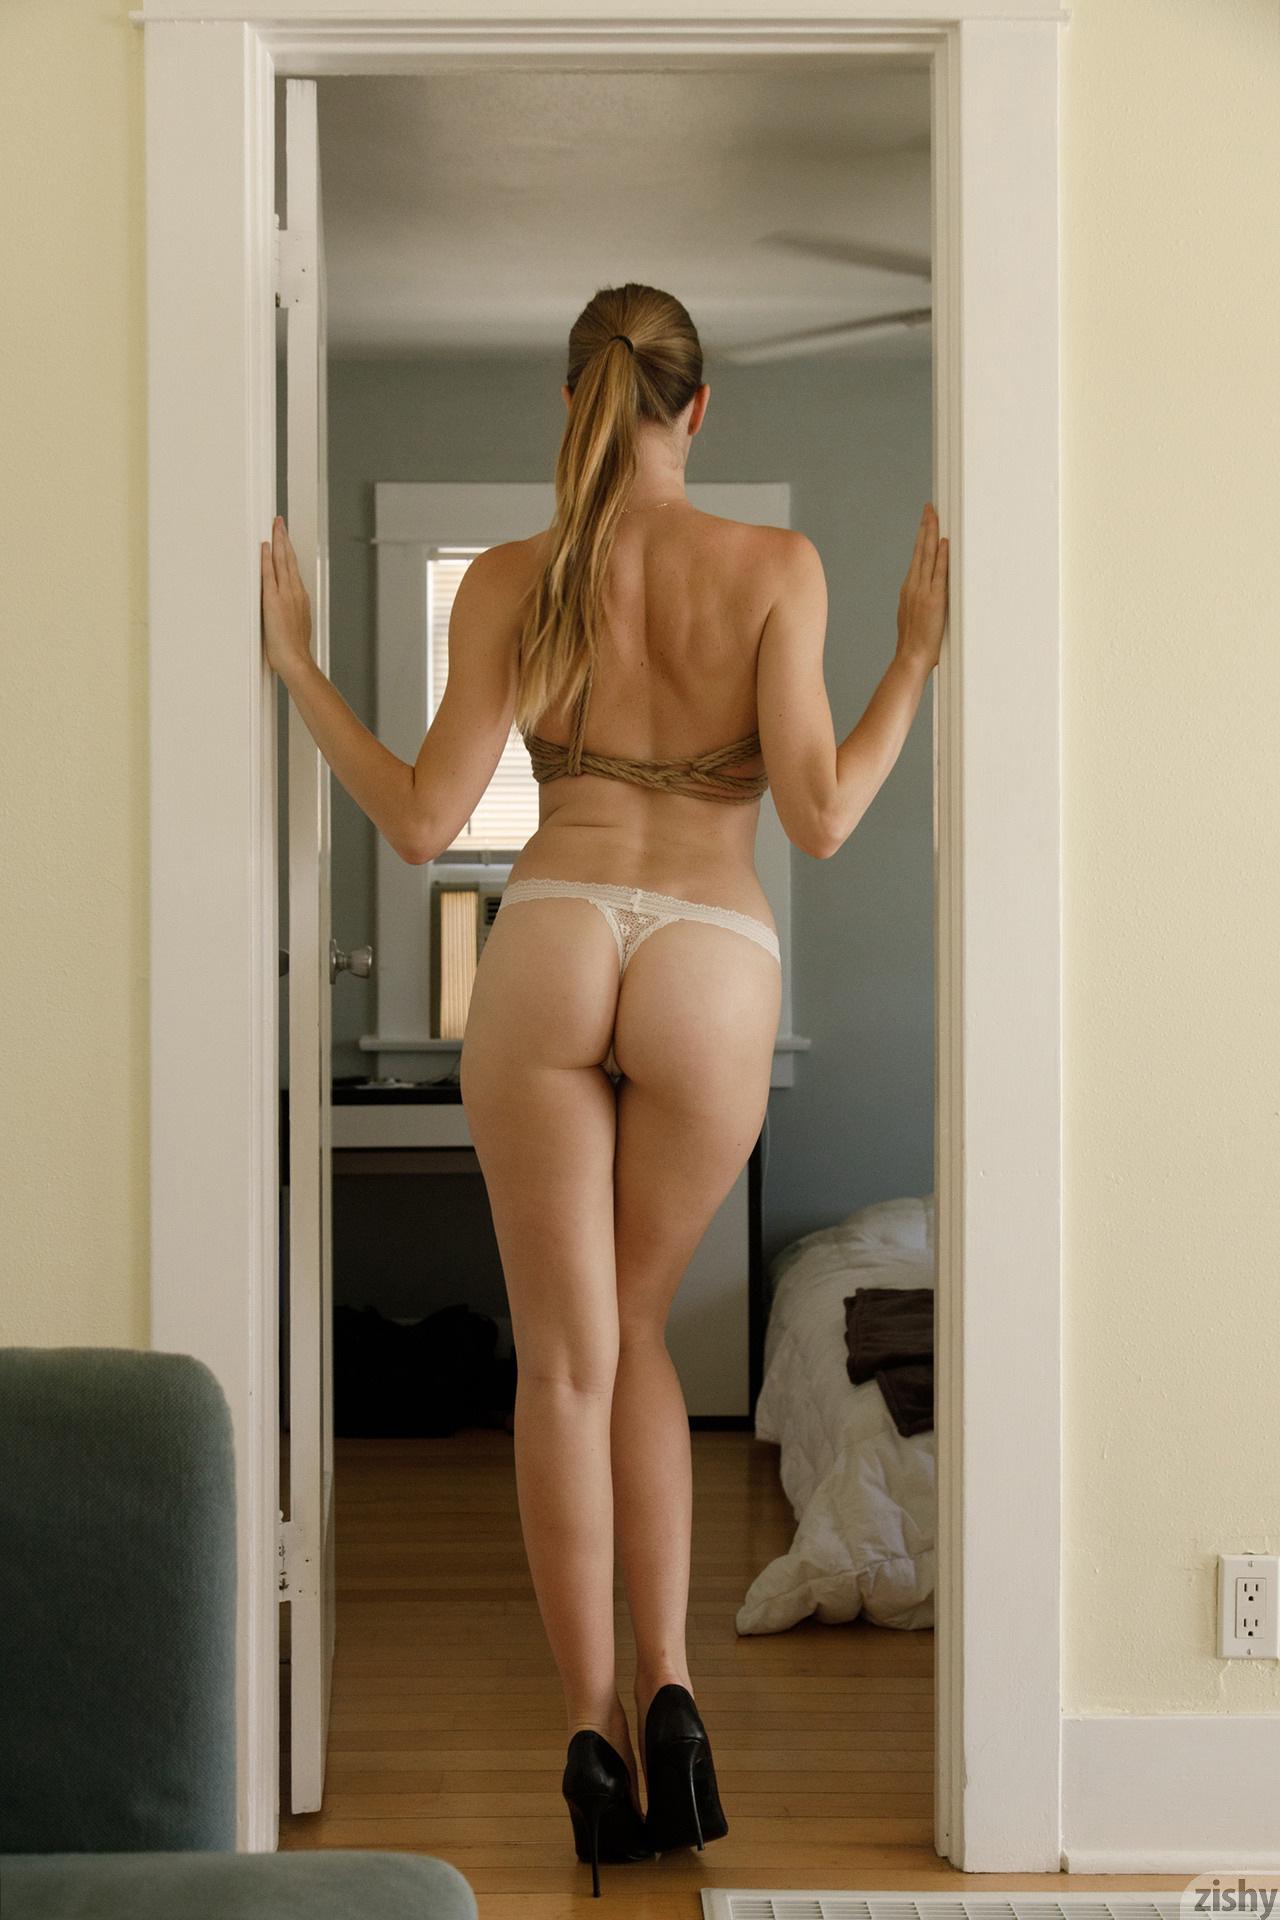 Ashley Lane Rope On Amazon Zishy (34)